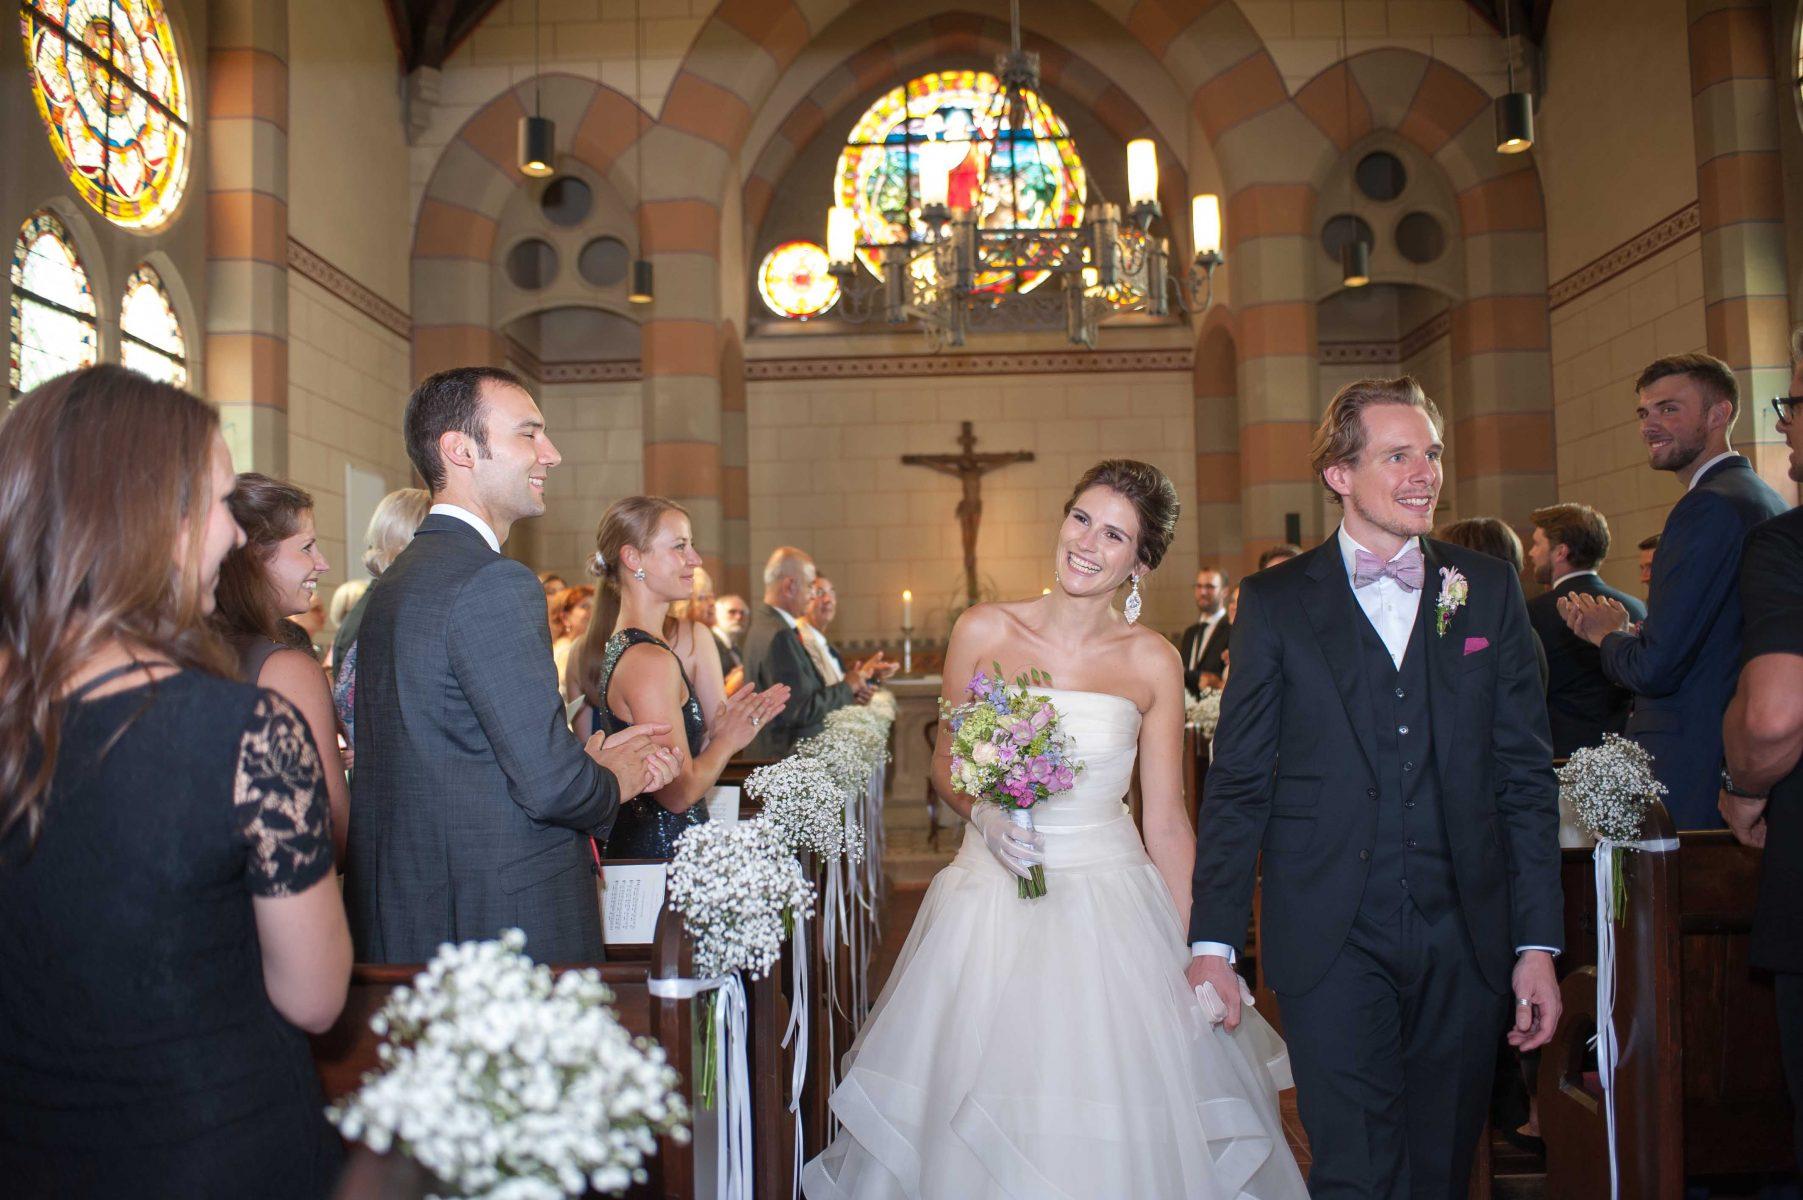 Hochzeit Trauung B2000 221930 1803x1200 - Trauung